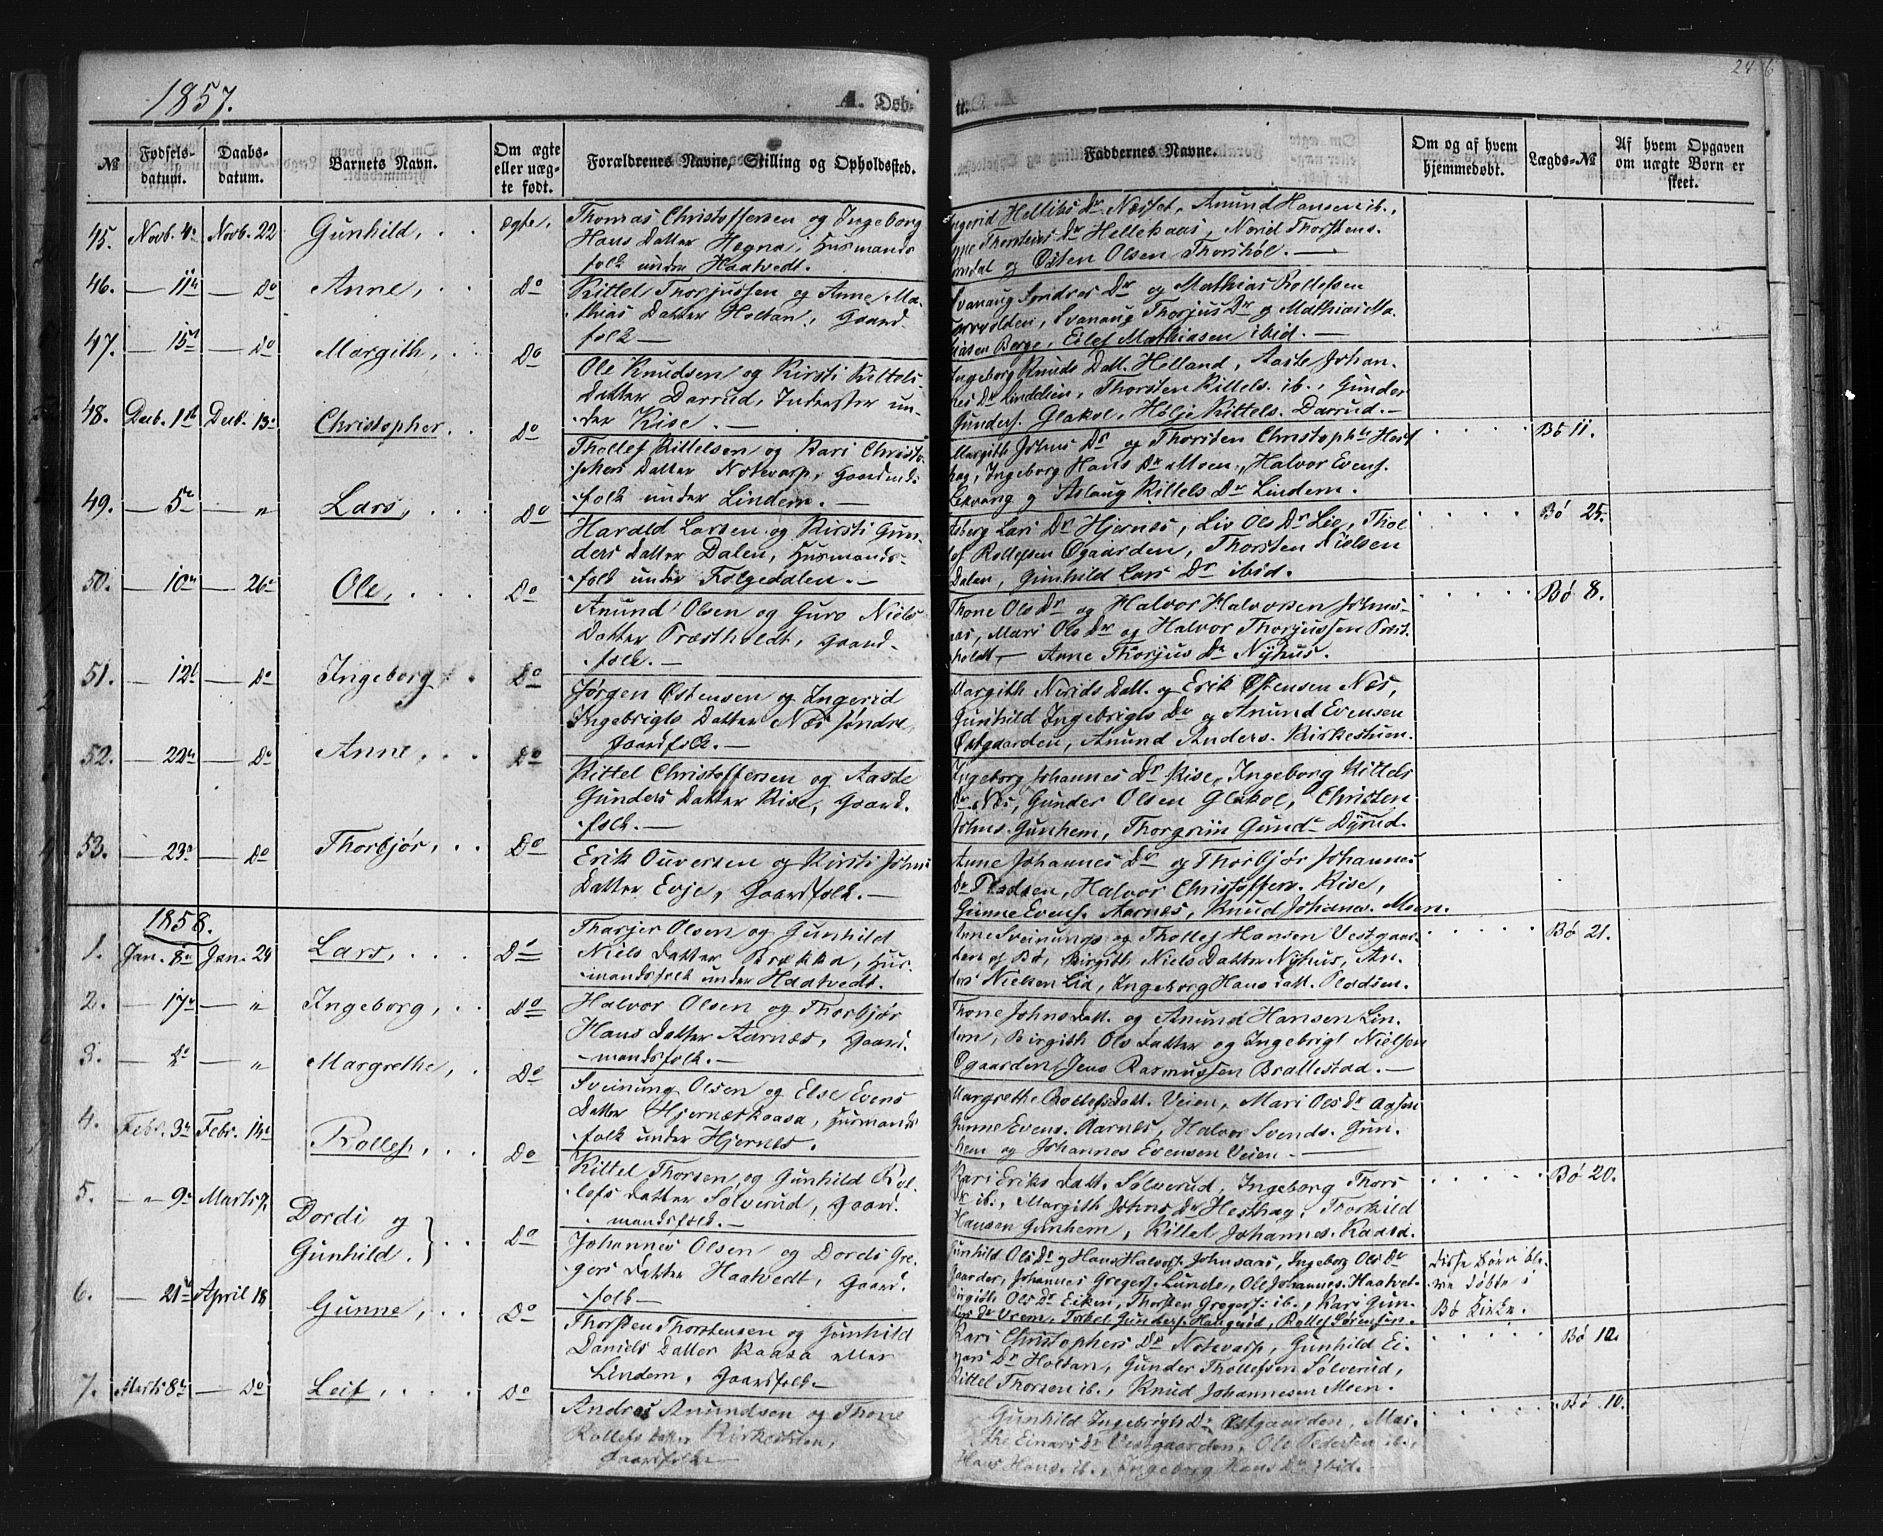 SAKO, Sauherad kirkebøker, F/Fb/L0001: Ministerialbok nr. II 1, 1851-1877, s. 24